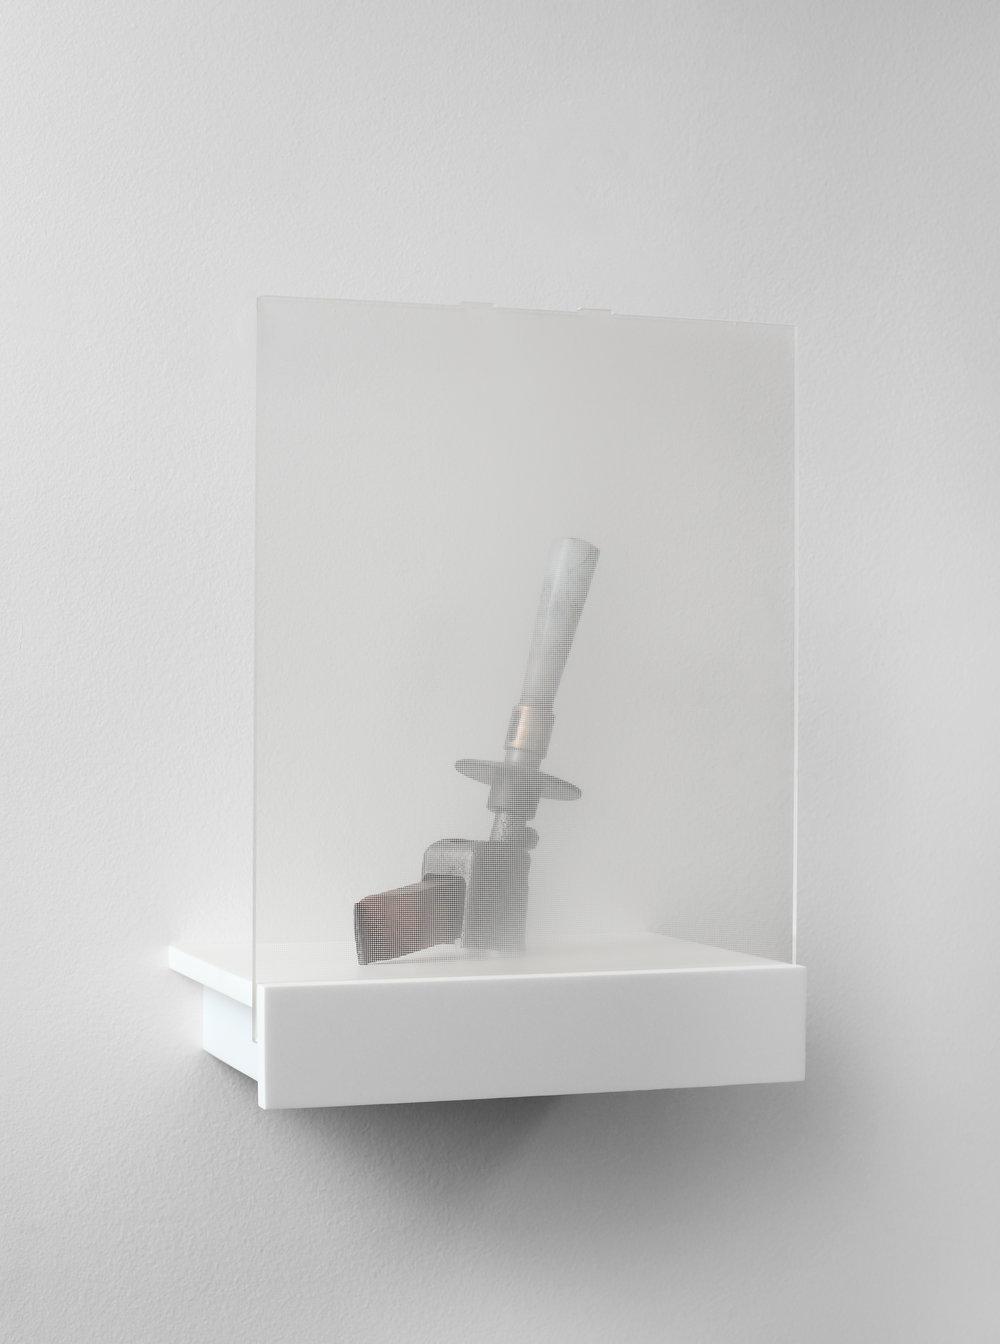 Charlie Boisson  Sans titre  2016 corian, plexiglass, métal 28 x 37,5 x 19,5 cm © courtesy of the artist & galerie l'inlassable